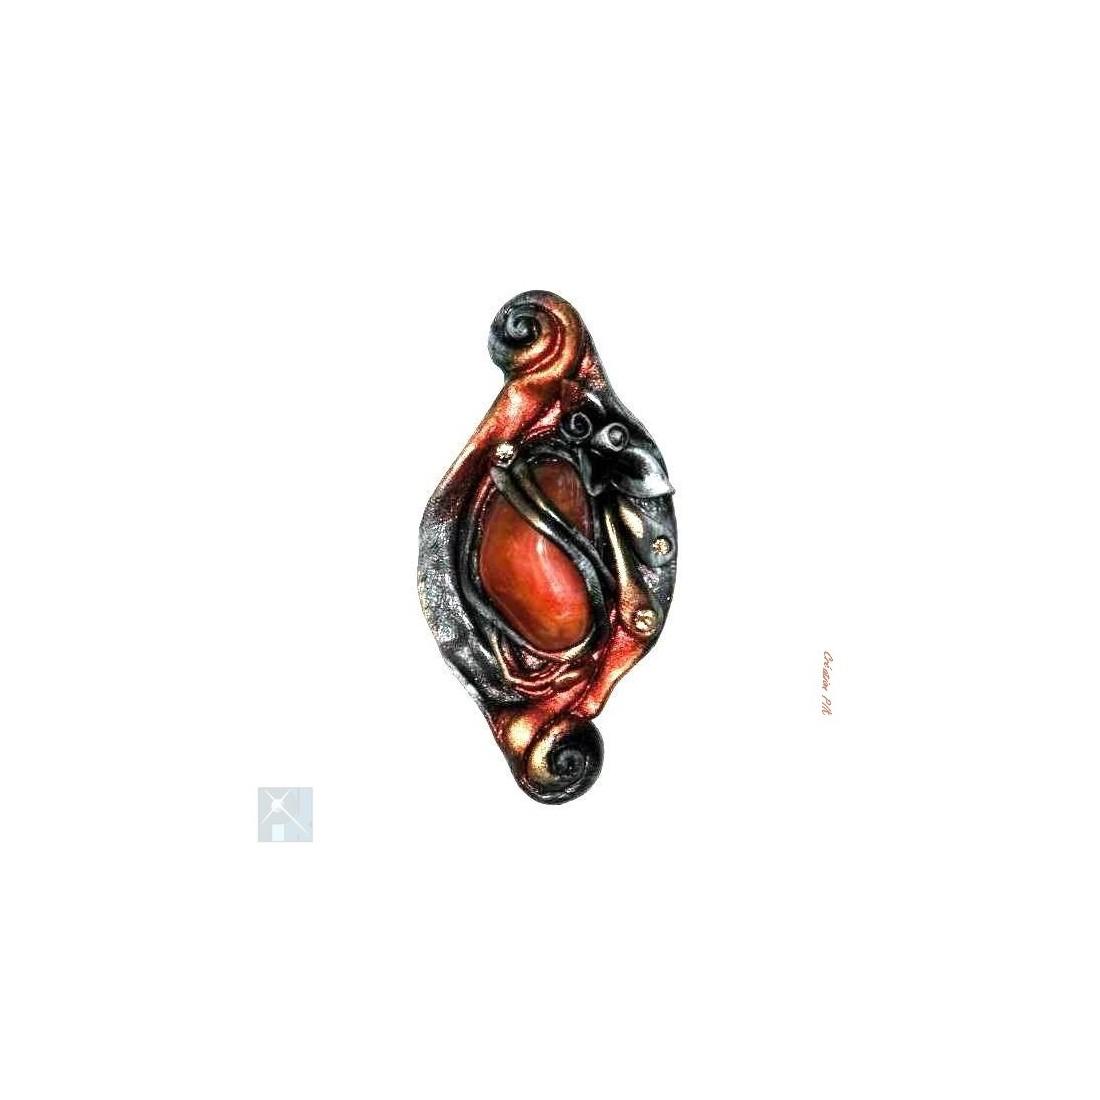 Jolie broche aux tons de bronze et cuivre